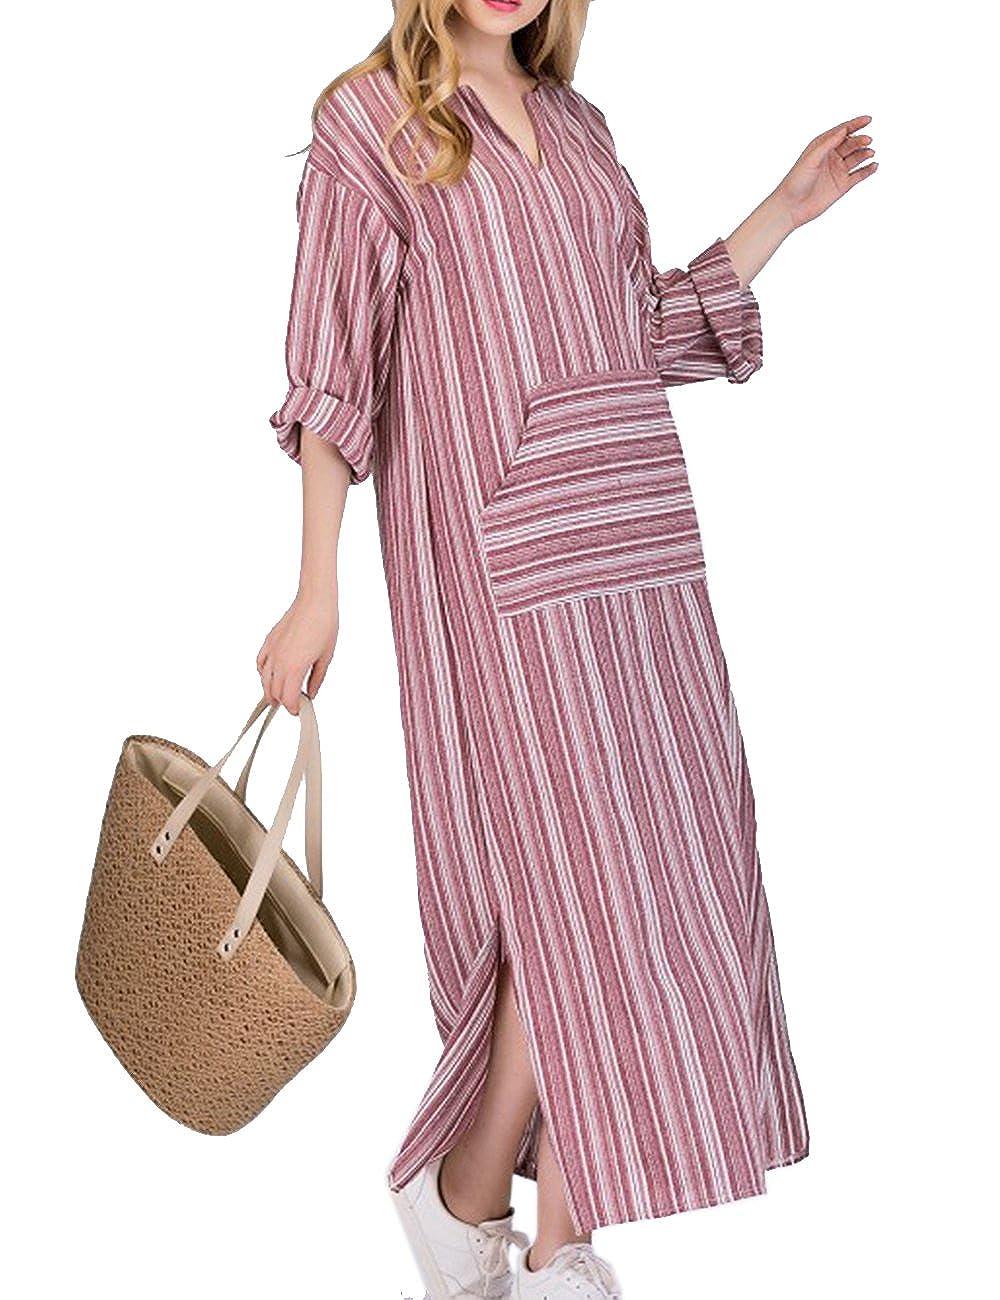 4904937de17b27 Kleider HAHAEMMA Damen Kleider Maxikleid Lose Kleid Langarm Retro Leinen  Baumwolle Lange Kleider Elegante Bluse Breite ...